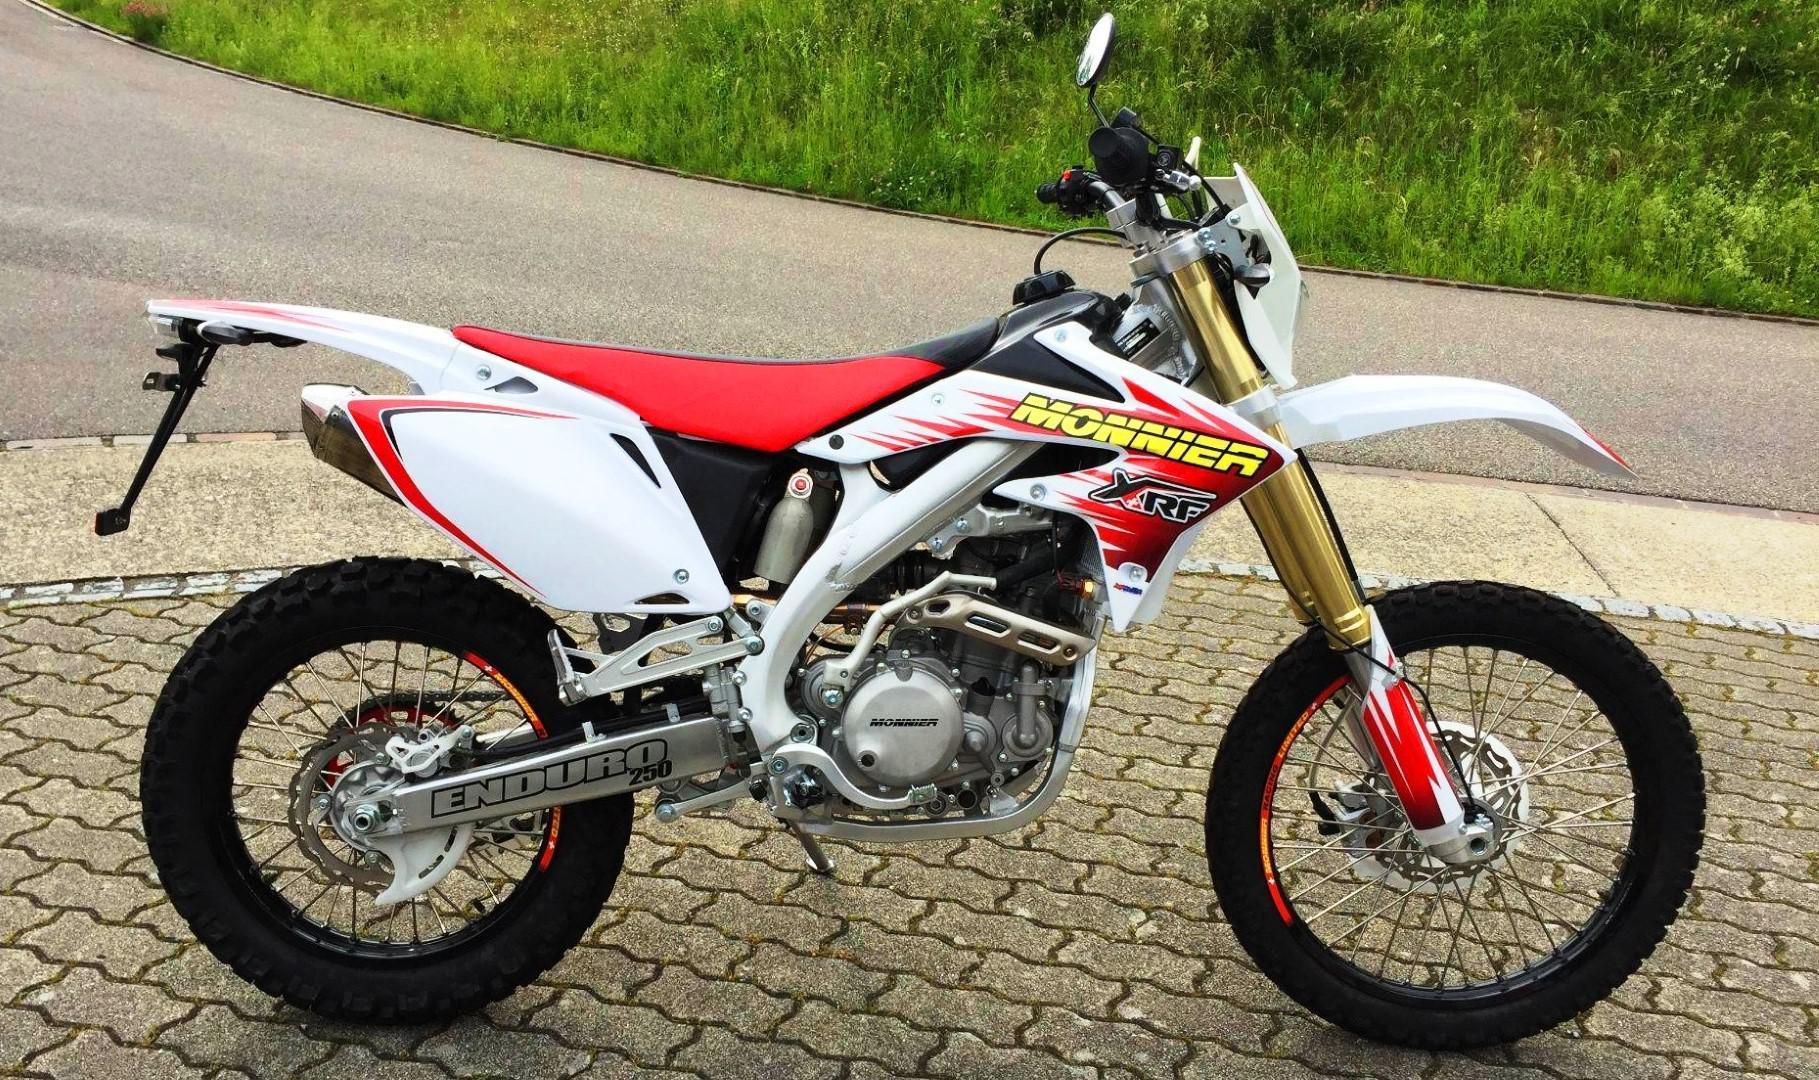 connaissez-vous-cette-marque-de-motos-1280-6.jpg